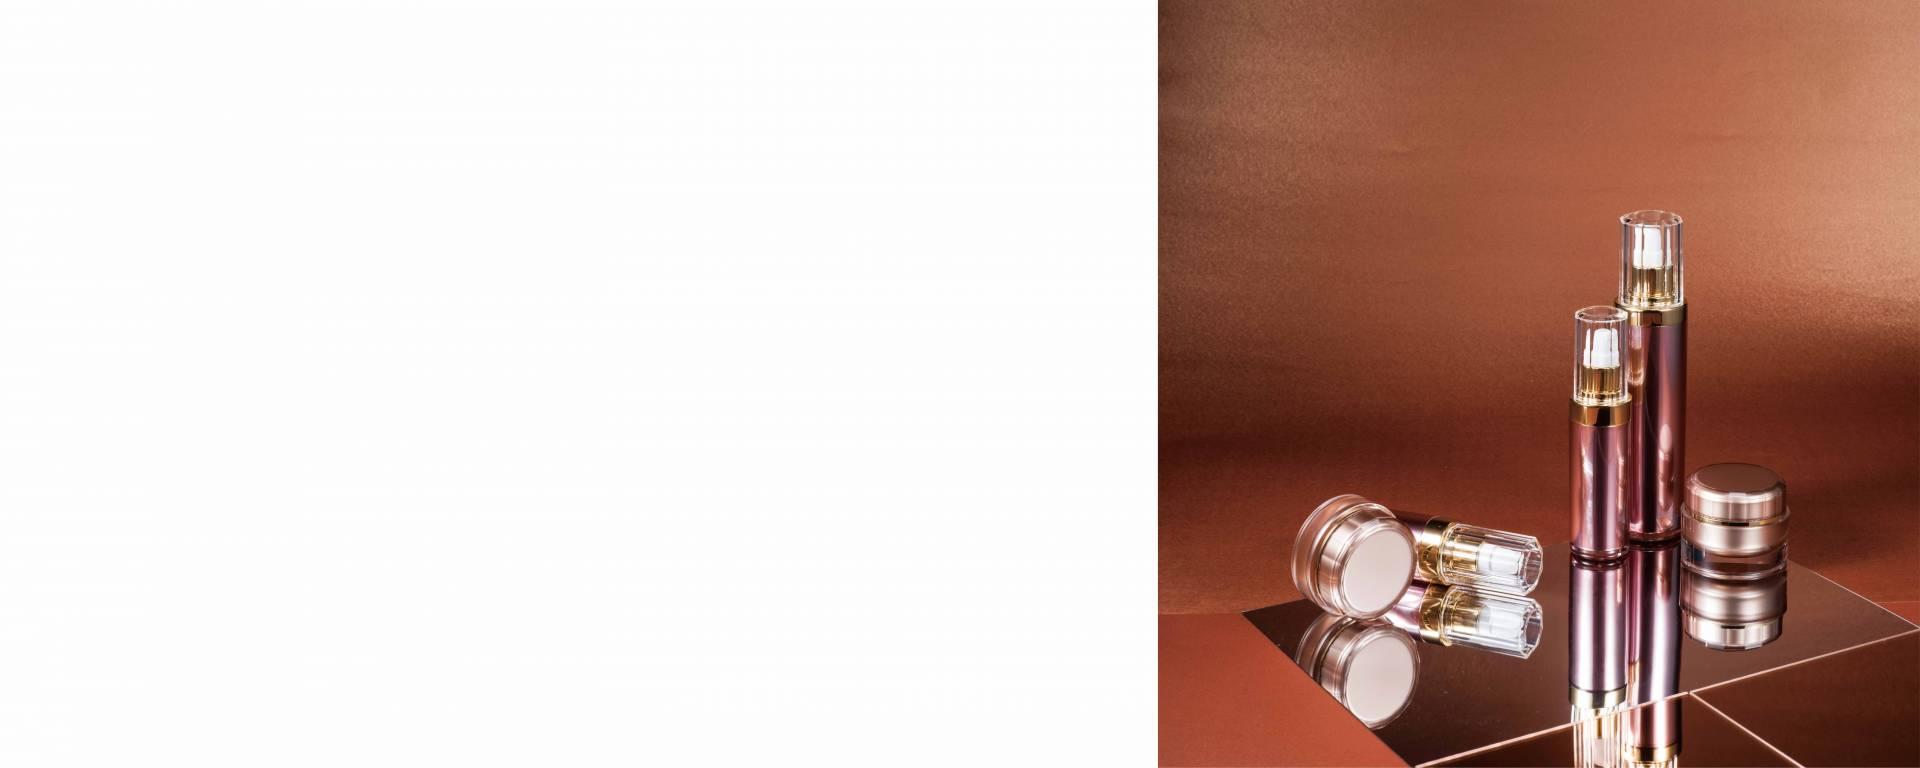 COSJARビューティーパッケージ 豪華でエレガントなハイエンドのクリスタルクリアアクリル スキンケア化粧品の美容パッケージ